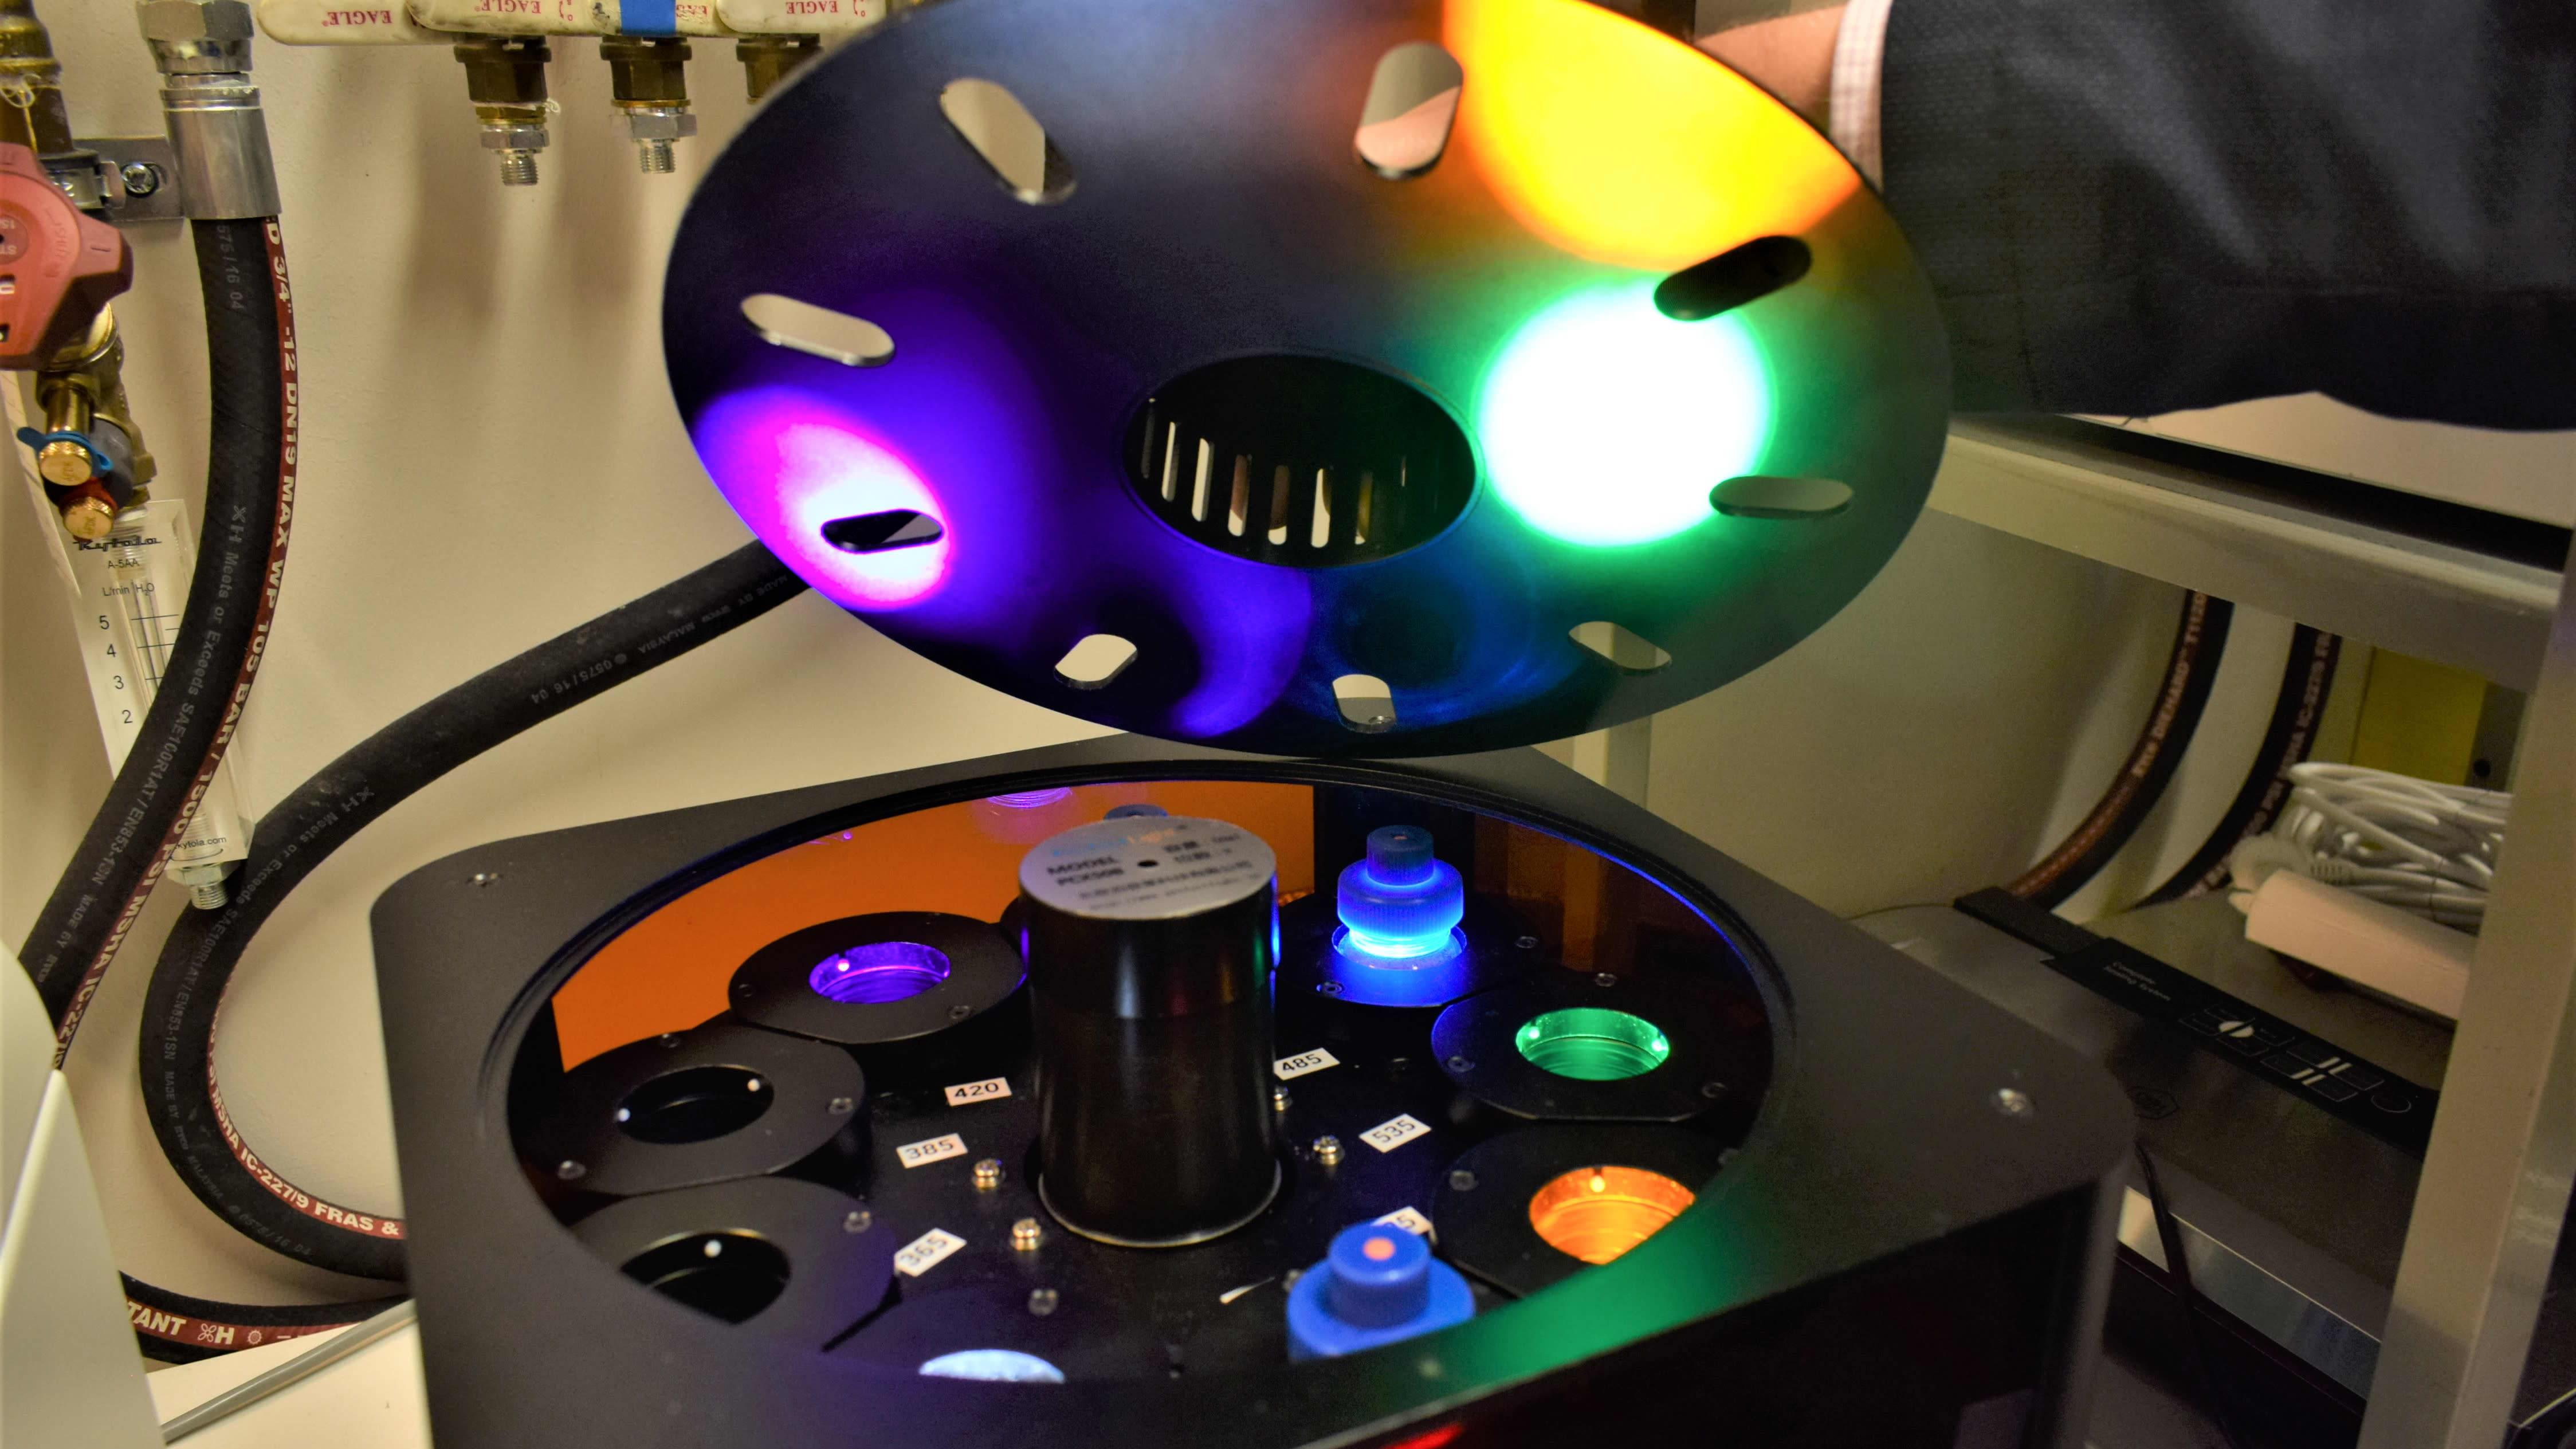 Tämä on valokatalyysireaktori. Professori Marko Huttulan tiimin tutkiman valokatalyysin avulla voitaisiin ratkaista koko maailman energiatalous.